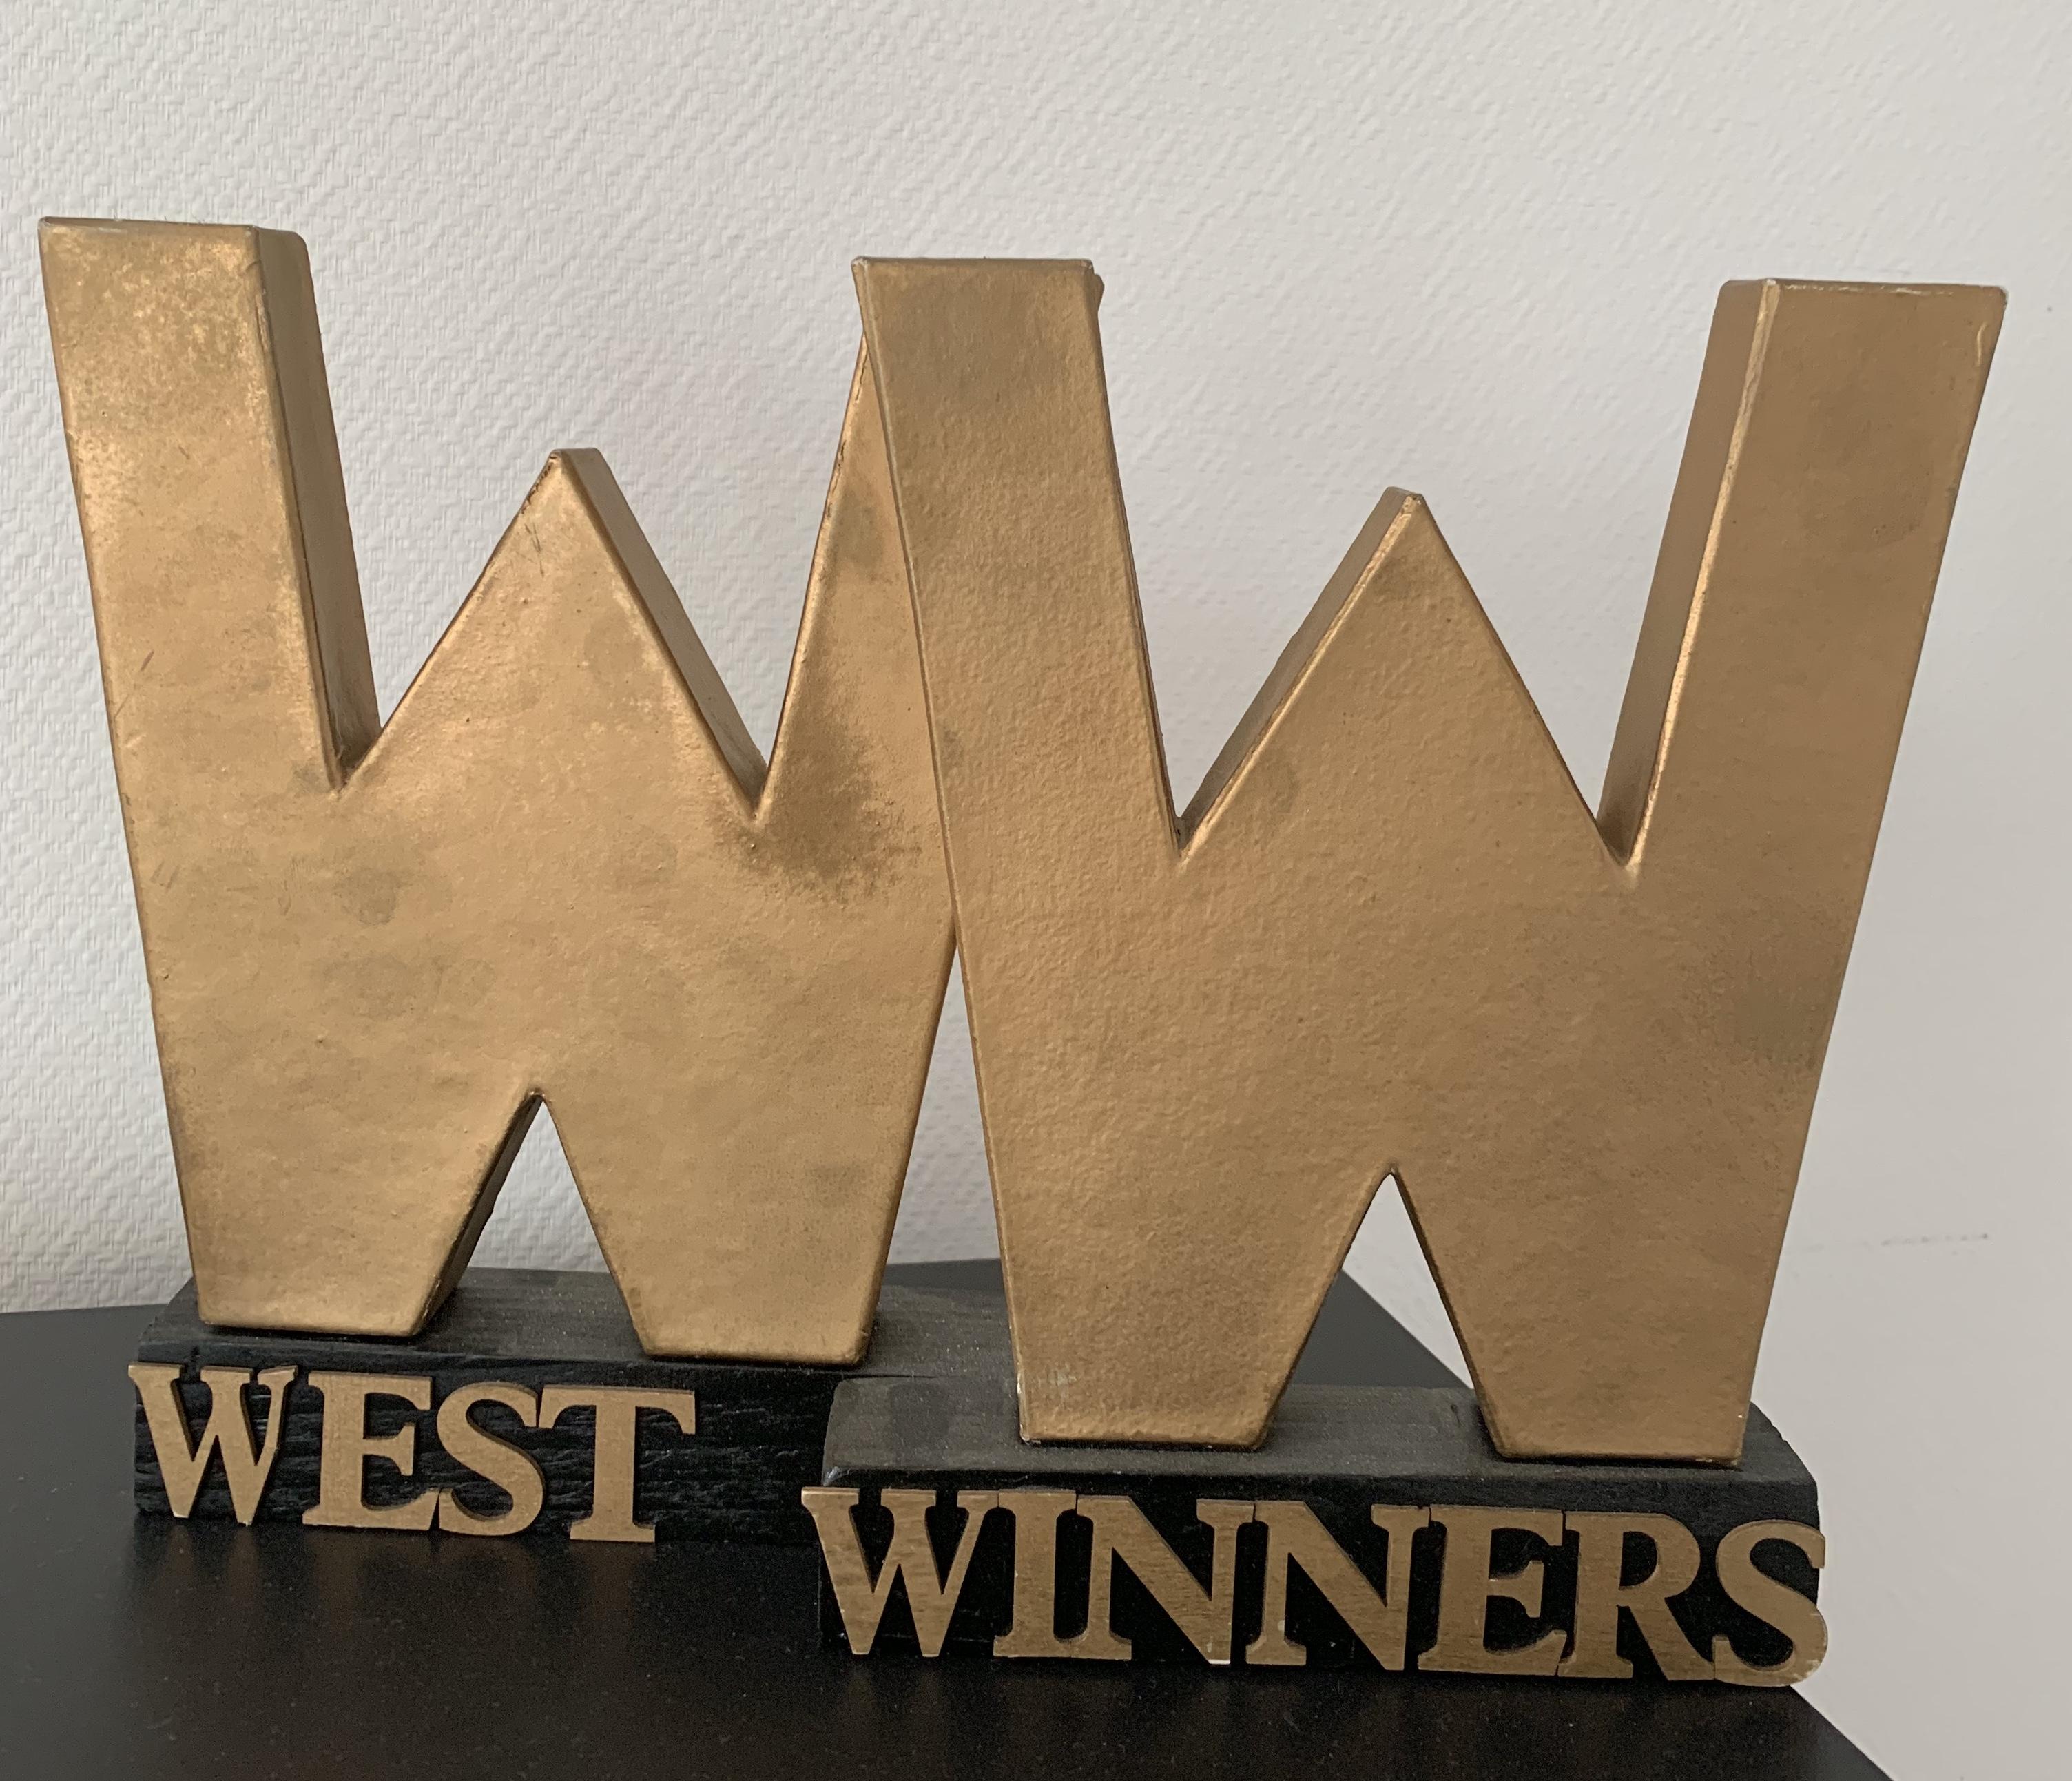 West Winners